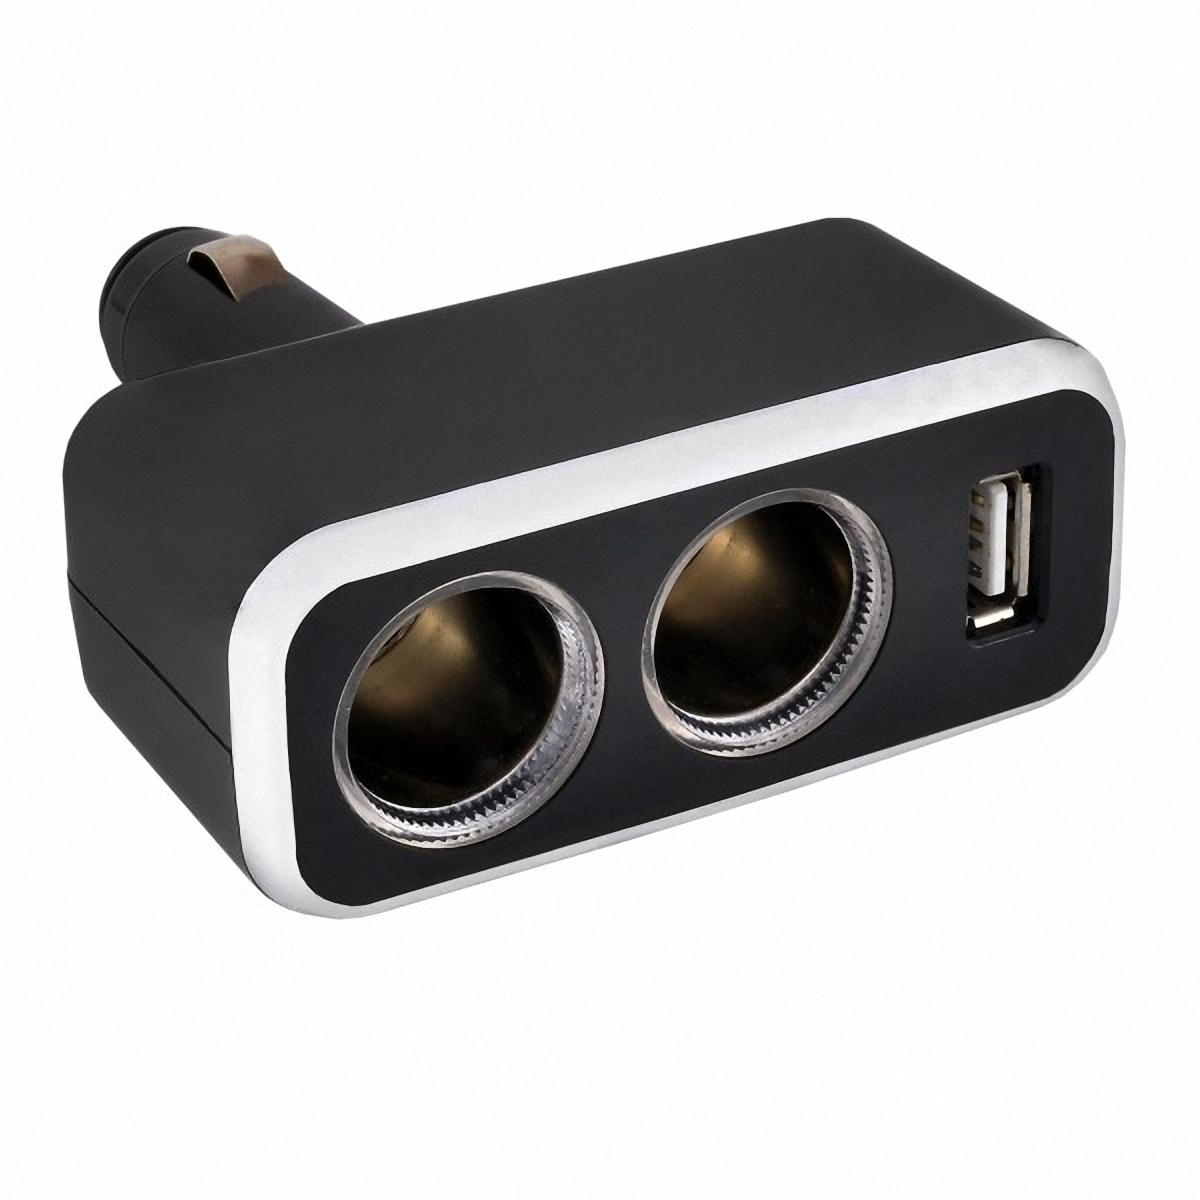 Разветвитель прикуривателя Skyway, 2 выхода + USB. S02301003S02301003Разветвитель прикуривателя Skyway позволяет подключать устройства, имеющие стандартный разъем под прикуриватель, плюс устройство, имеющее разъем USB (блоки питания для ноутбука, кпк, сотового телефона, GPS-навигатора, антирадара, пылесоса, холодильника, различные зарядные устройства и многое другое). Устройство вращается на 180°, вверх и вниз. Устройство используется при мощности 7А. Общая мощность 80 Ватт. Предохранитель 10А. Потребляемая мощность 12-24 В. Количество гнезд: 2. Количество USB-портов: 1.